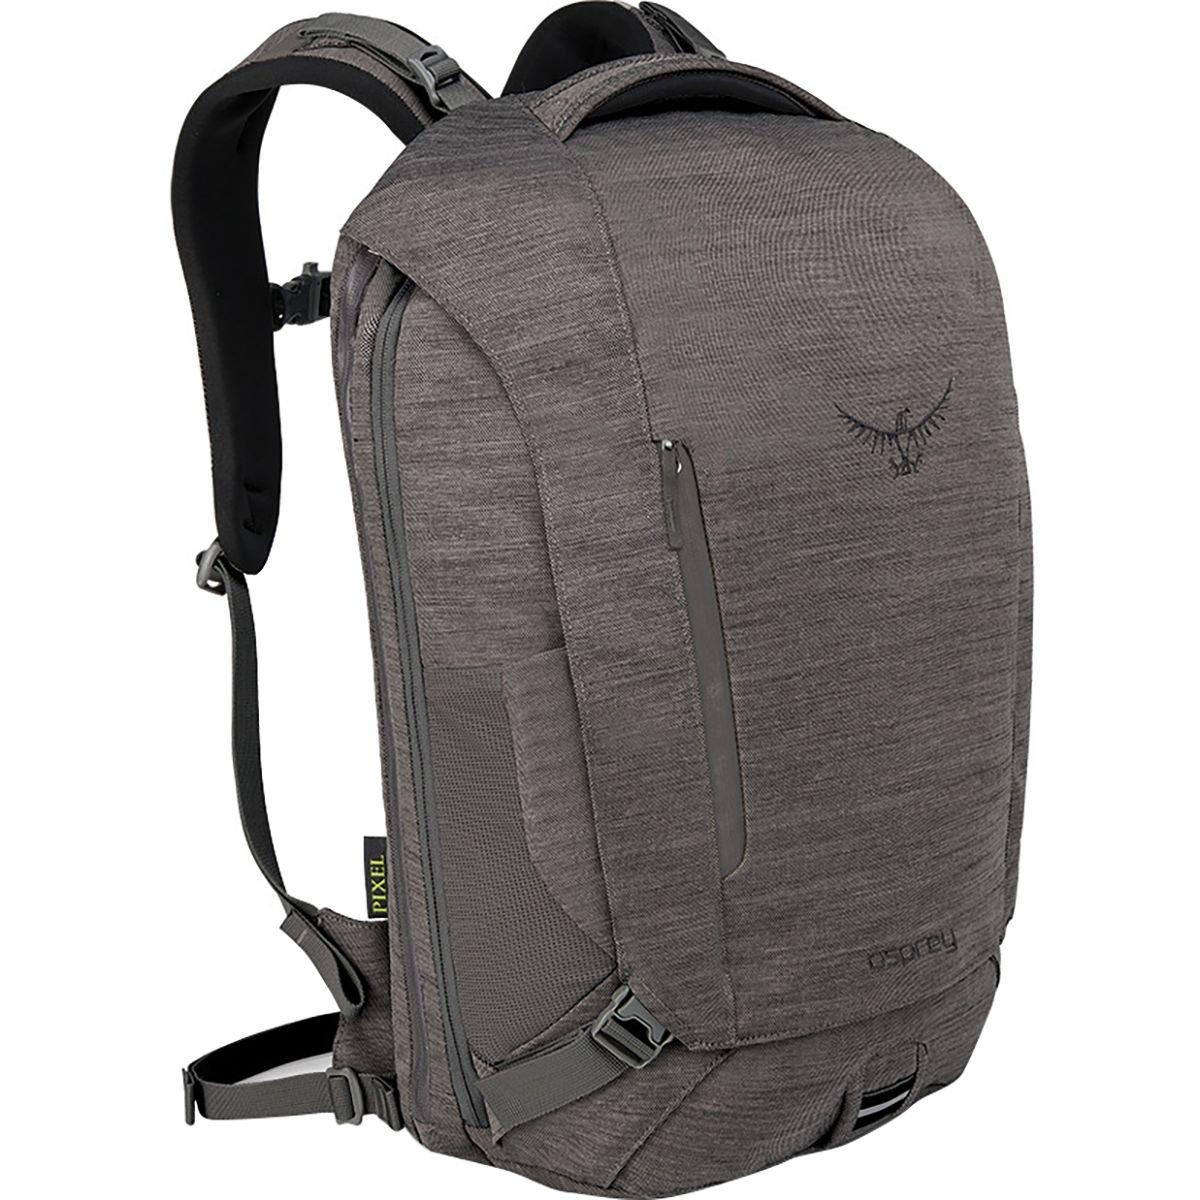 [オスプレーパック] メンズ バックパックリュックサック Pixel 26L Backpack [並行輸入品] No-Size  B07BW8JB72